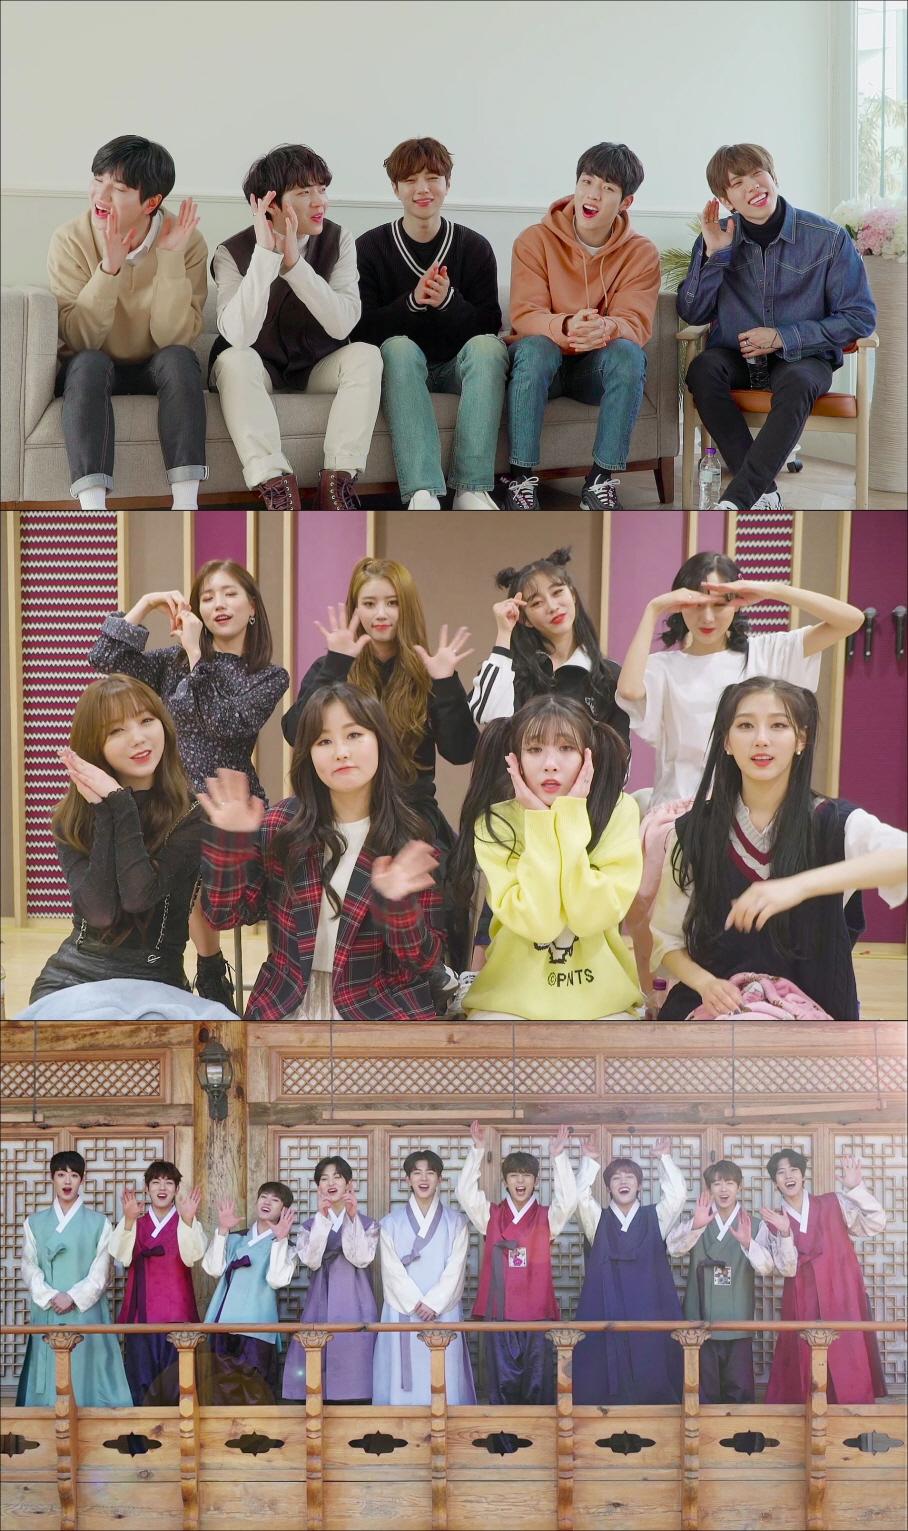 인피니트-러블리즈-골든차일드, 설맞이 새해인사 공개!